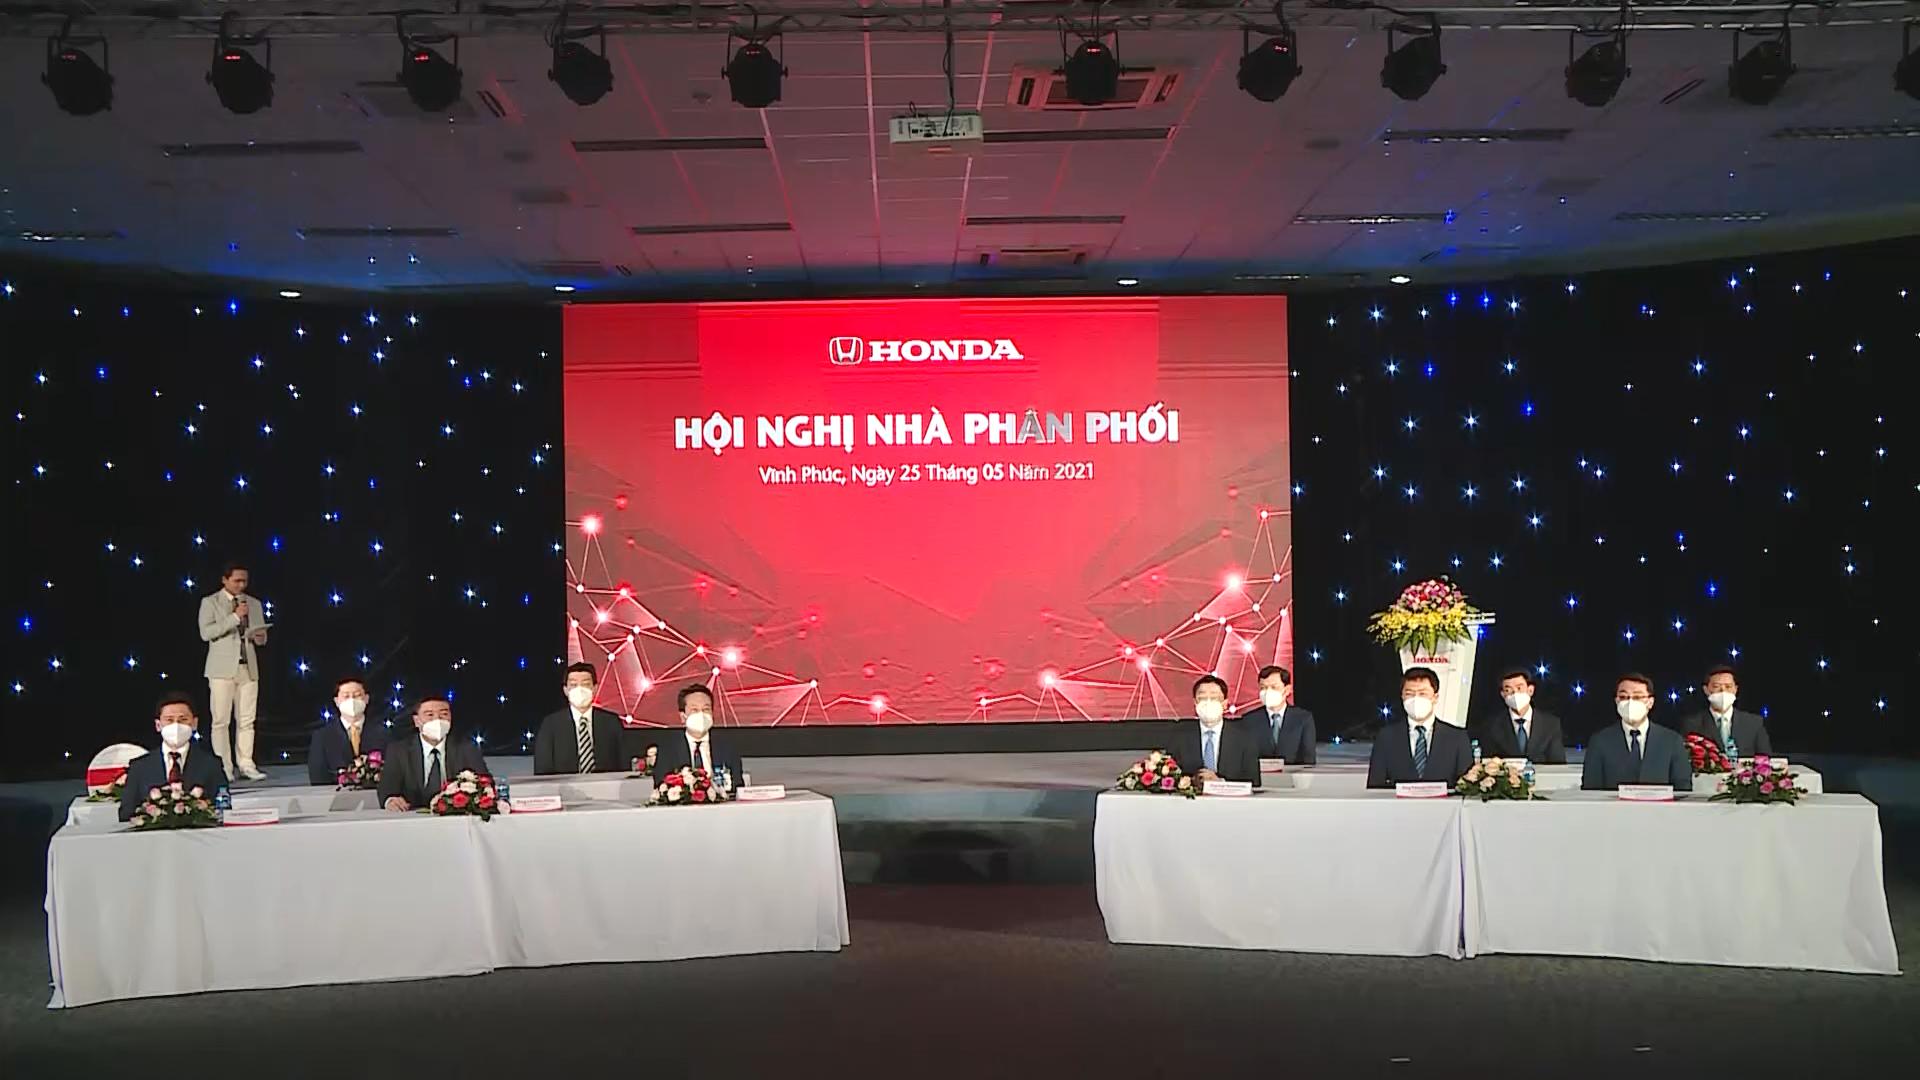 Tổng kết hoạt động thi đua Nhà Phân Phối Honda Ôtô trong năm tài chính 2021